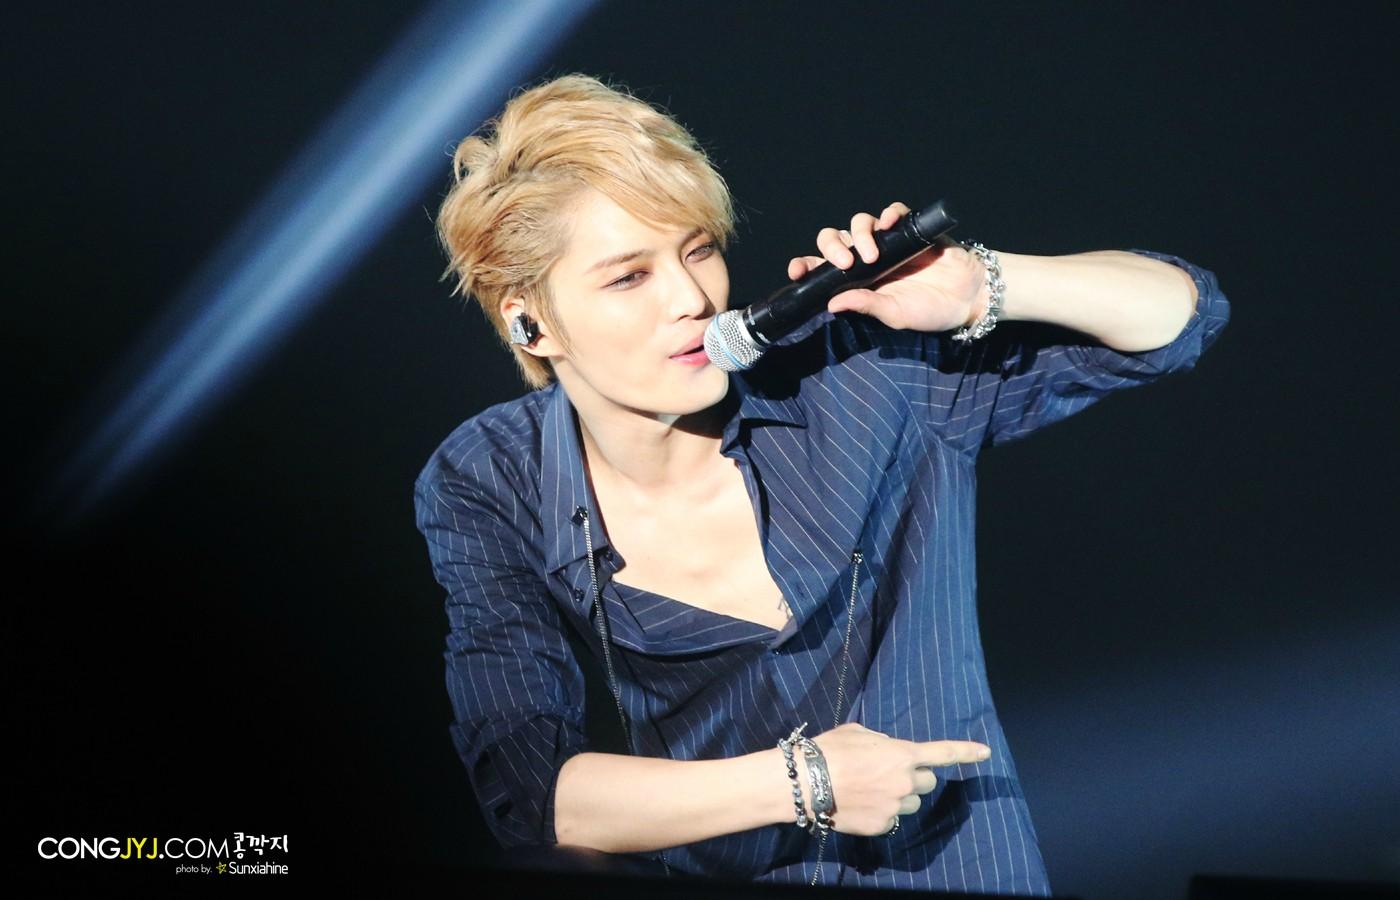 HQ PHOTOS   DL LINK  KIM JAEJOONG WWW ASIA TOUR CONCERT SEOUL 02-03    Jaejoong 2014